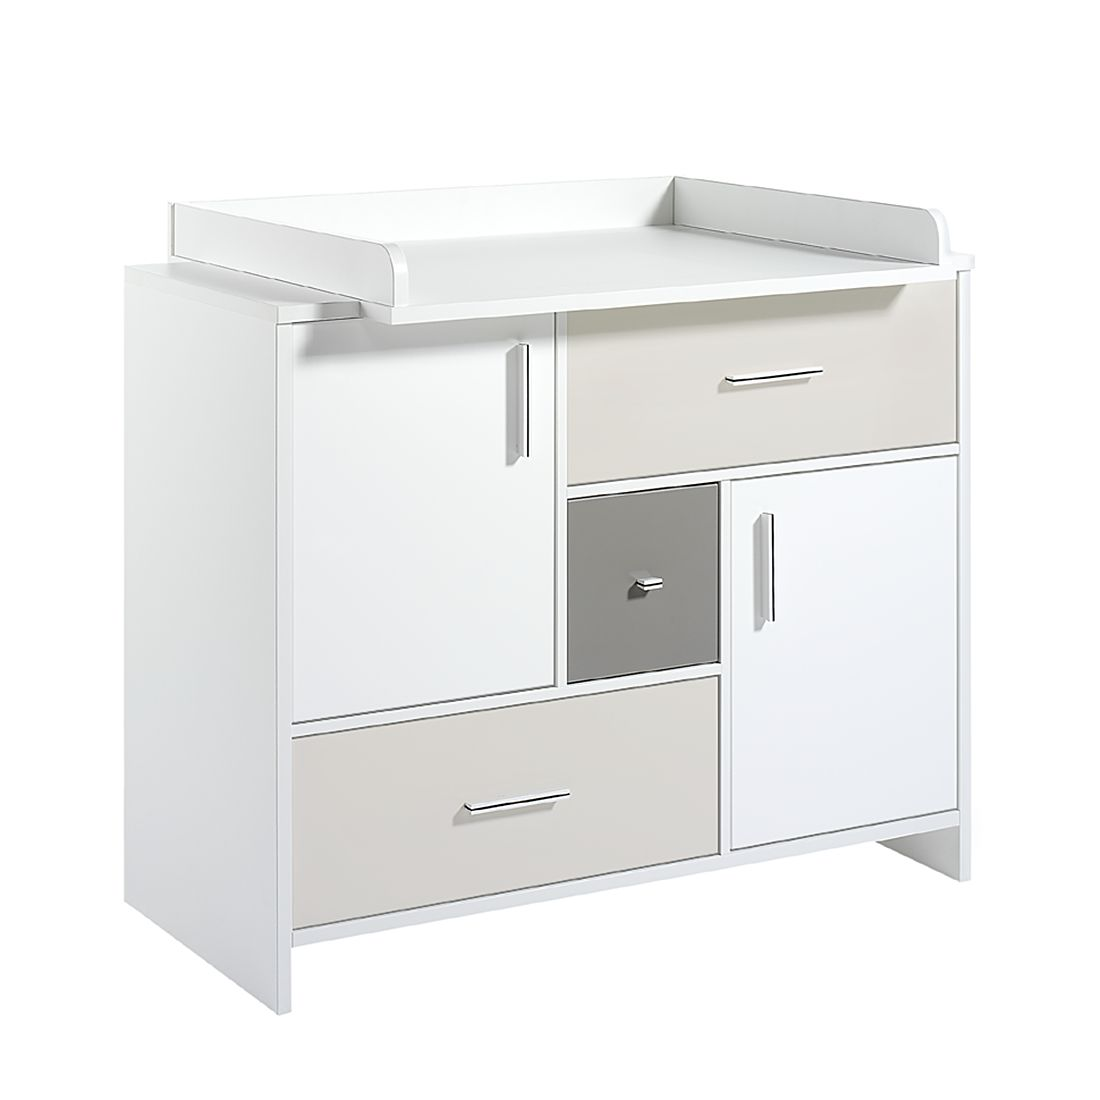 Wickelkommode CANDY - Weiß / Beige / Grau (Wickelkommode CANDY - Melamin Dekor - Dekor Weiß - MDF beige und grau lackiert)